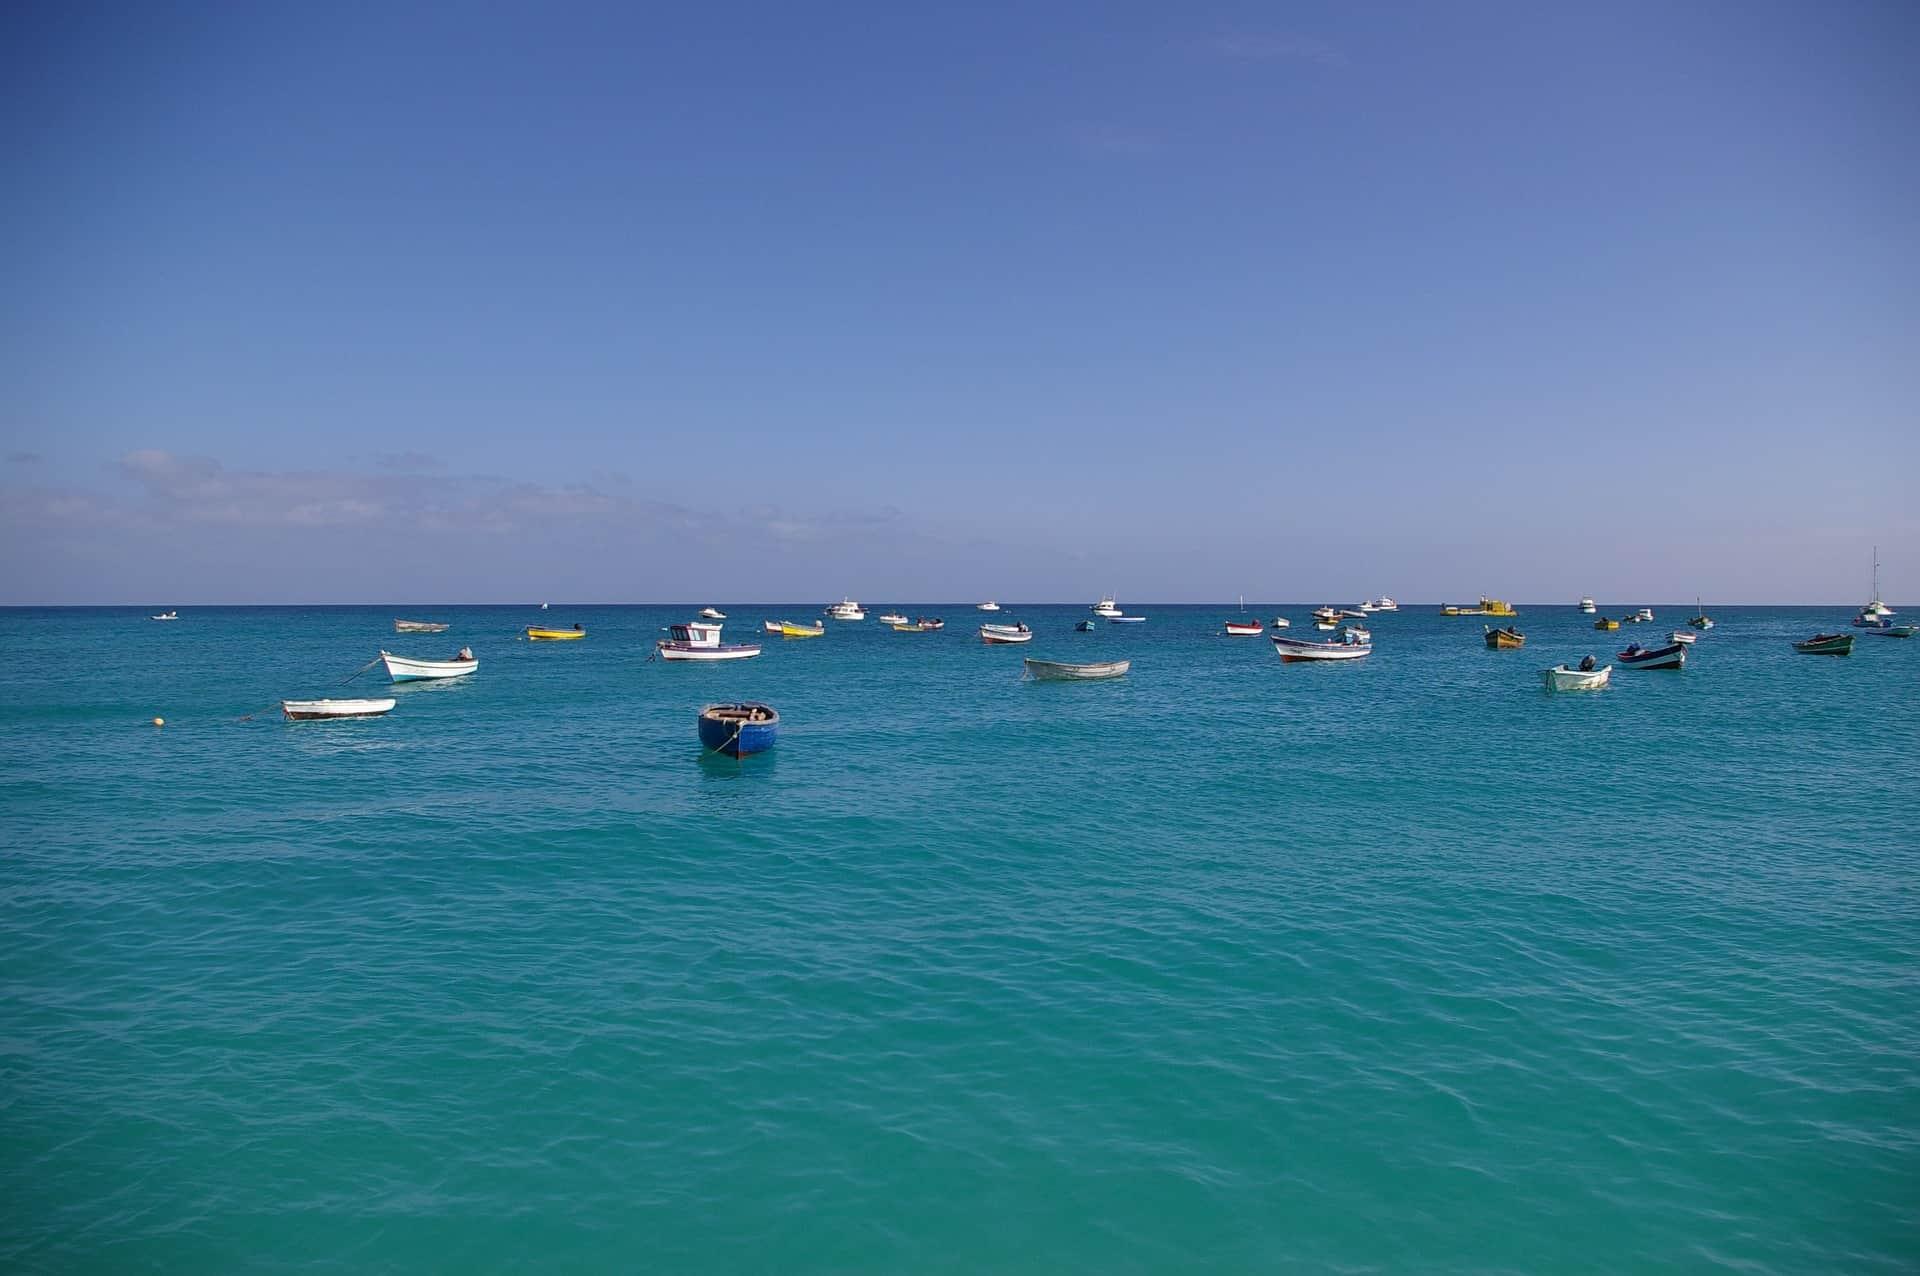 Sal Urlaub - eine Woche Kap Verde nur 483,00€ Kapverdische Inseln